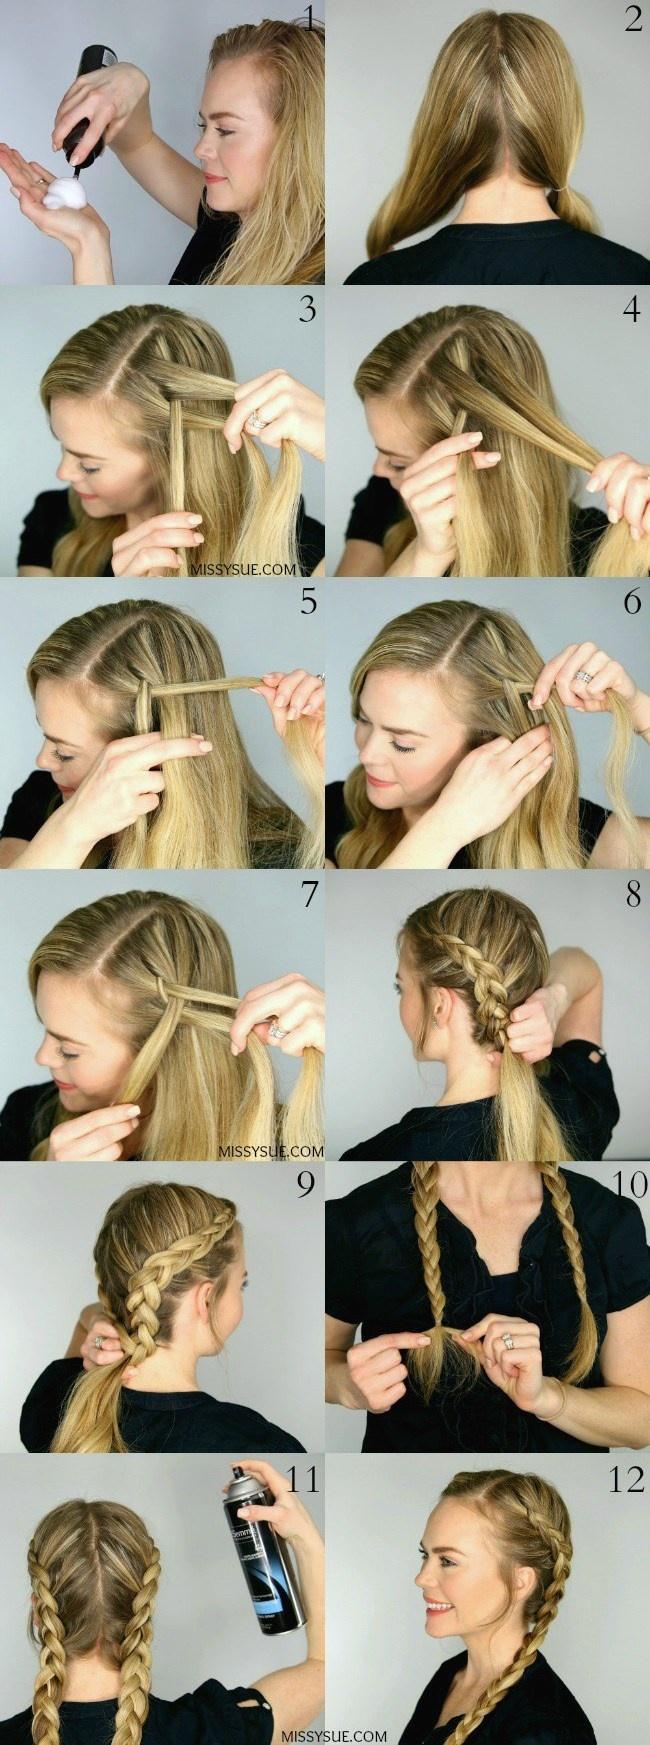 9 Tutoriale Pentru Coafuri Simple Si Lejere We Beauty